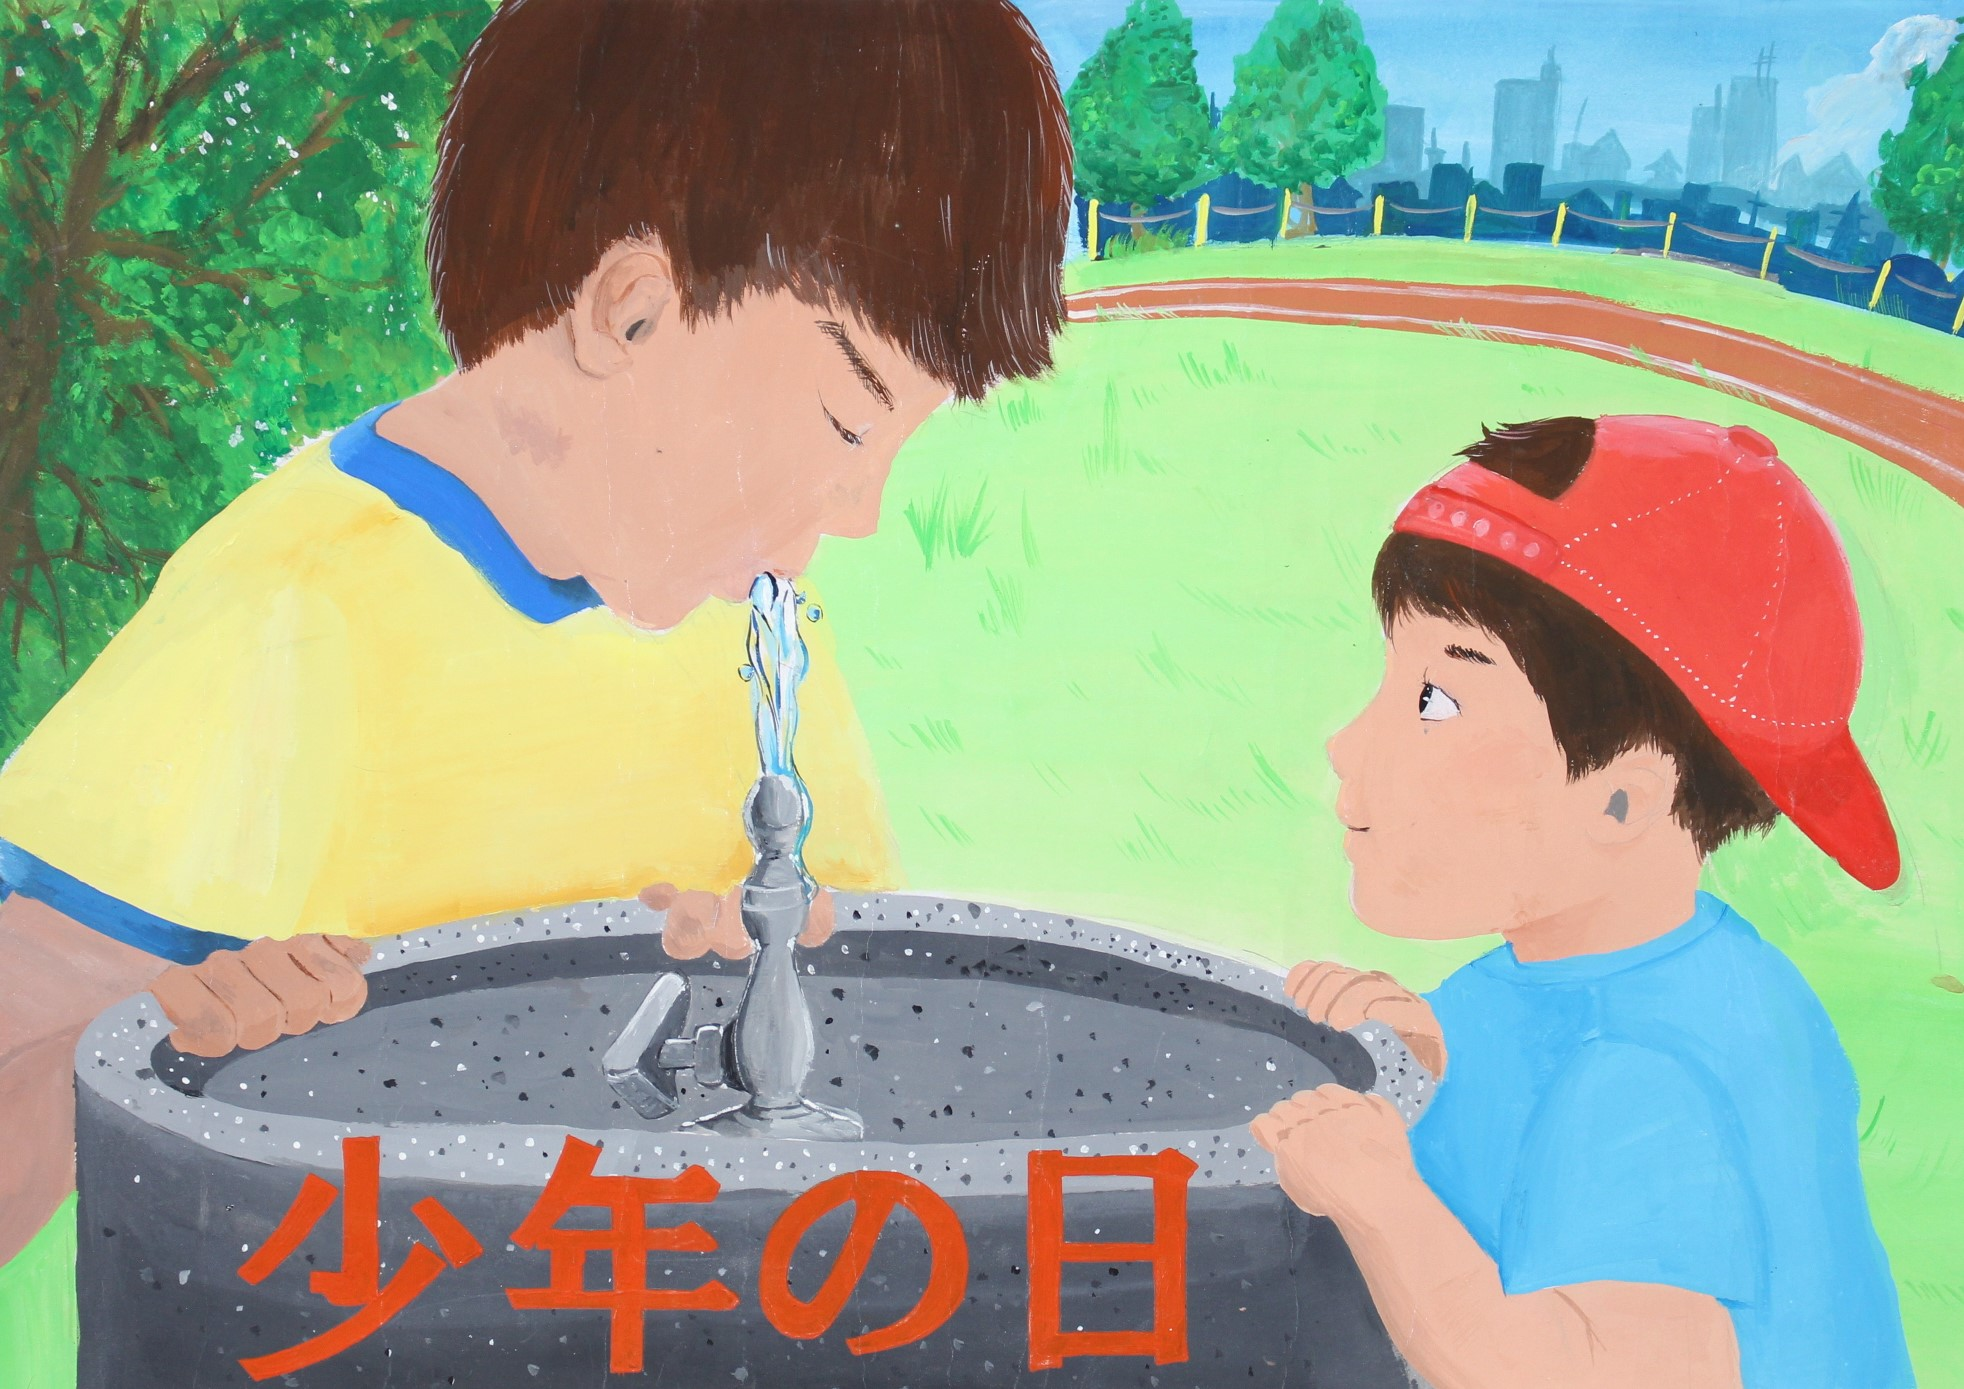 優秀賞-宮崎県立佐土原高等学校 2年 横山 雅姫(よこやま あい)さん